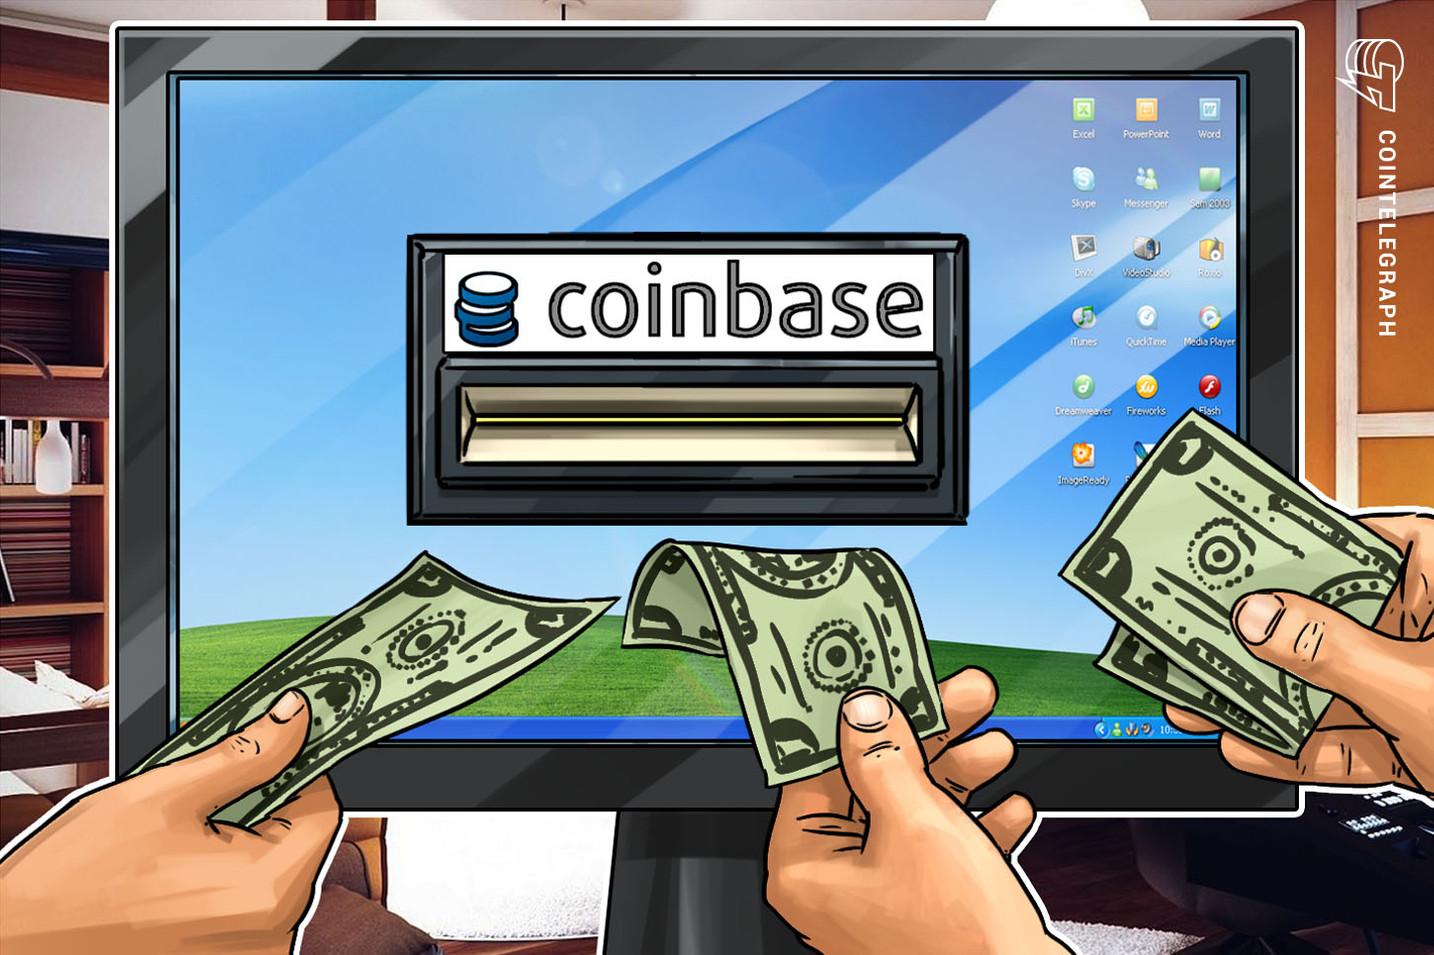 """Coinbase bringt """"Coinbase Bundle"""" für einfacheren Kryptohandel auf den Markt"""